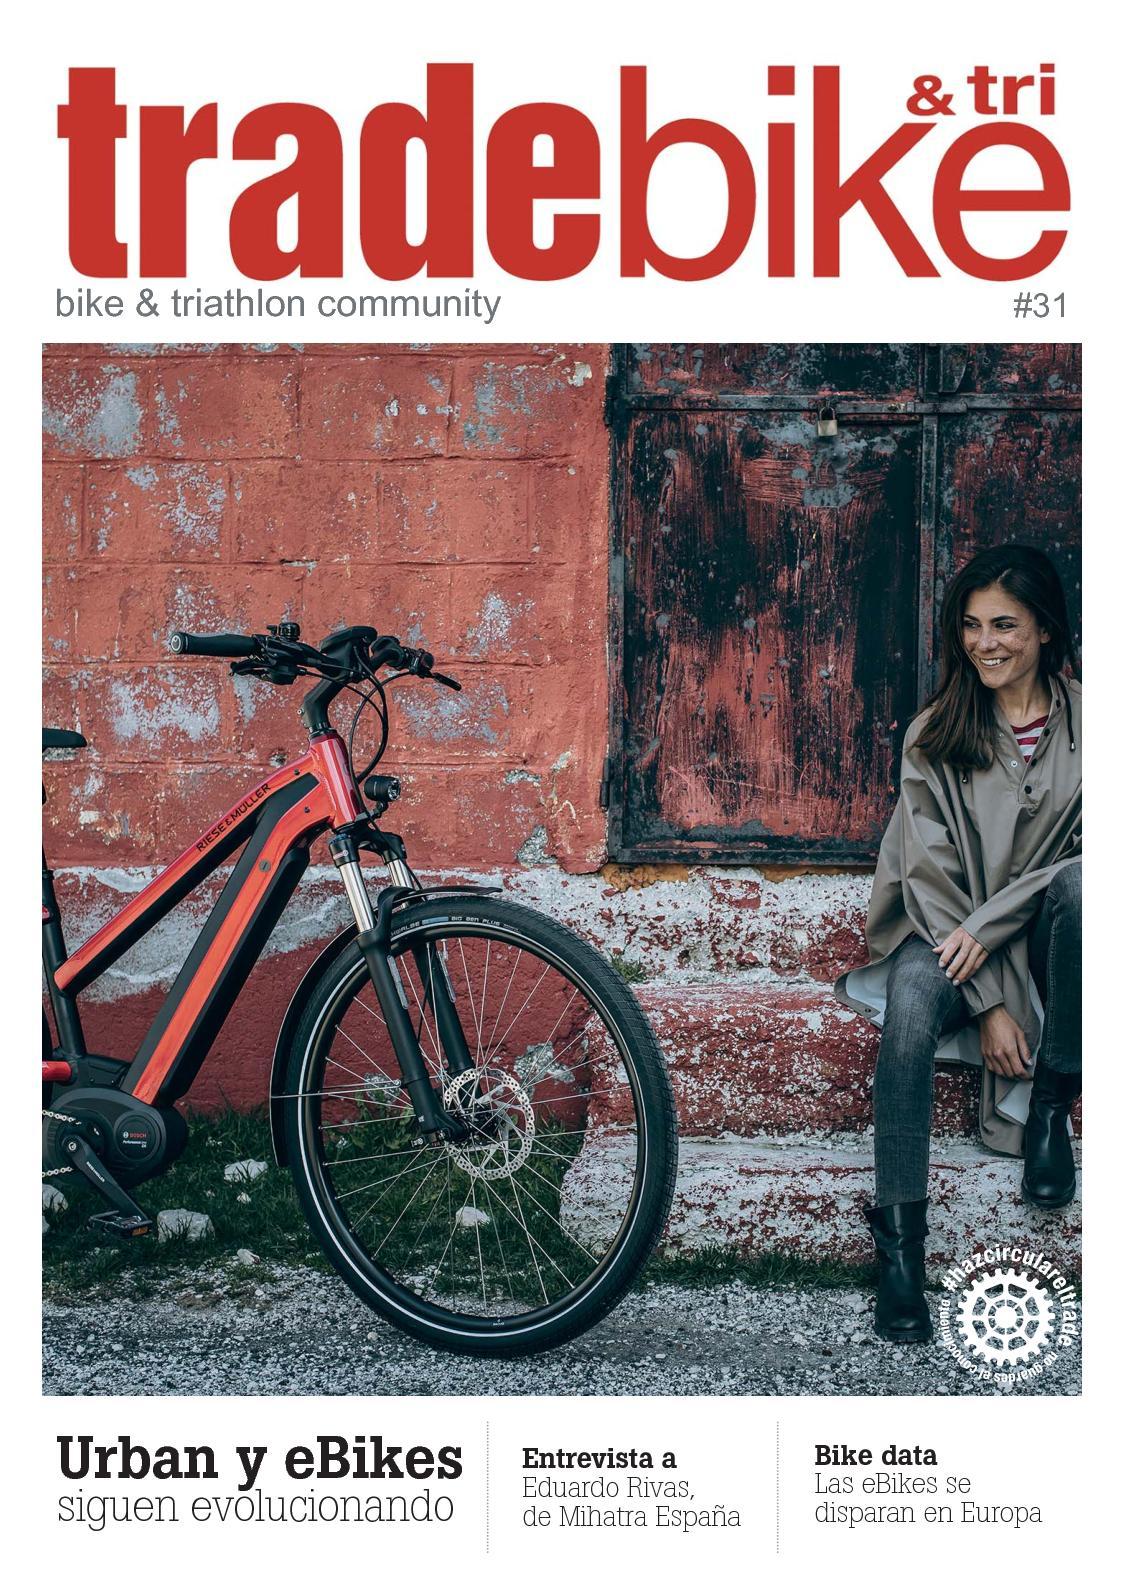 Calaméo - Tradebike&tri 31 Especial Urban y eBikes